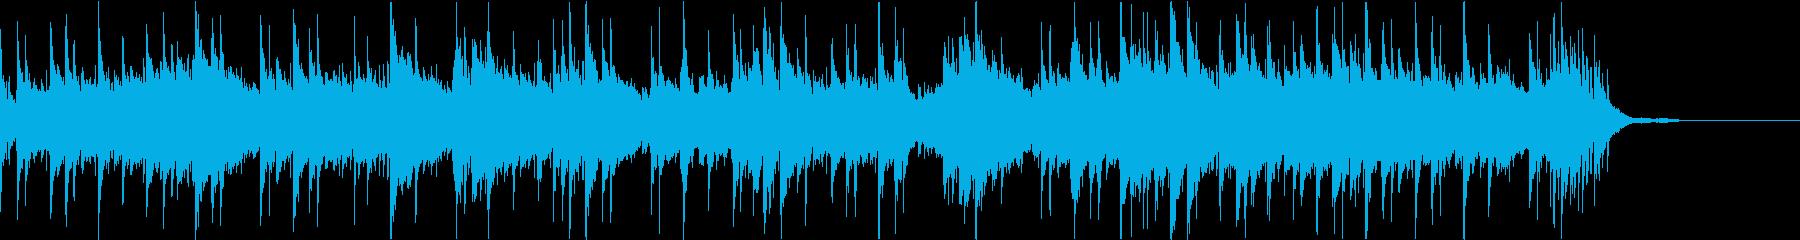 クールで浮遊感のあるピアノポストロックの再生済みの波形